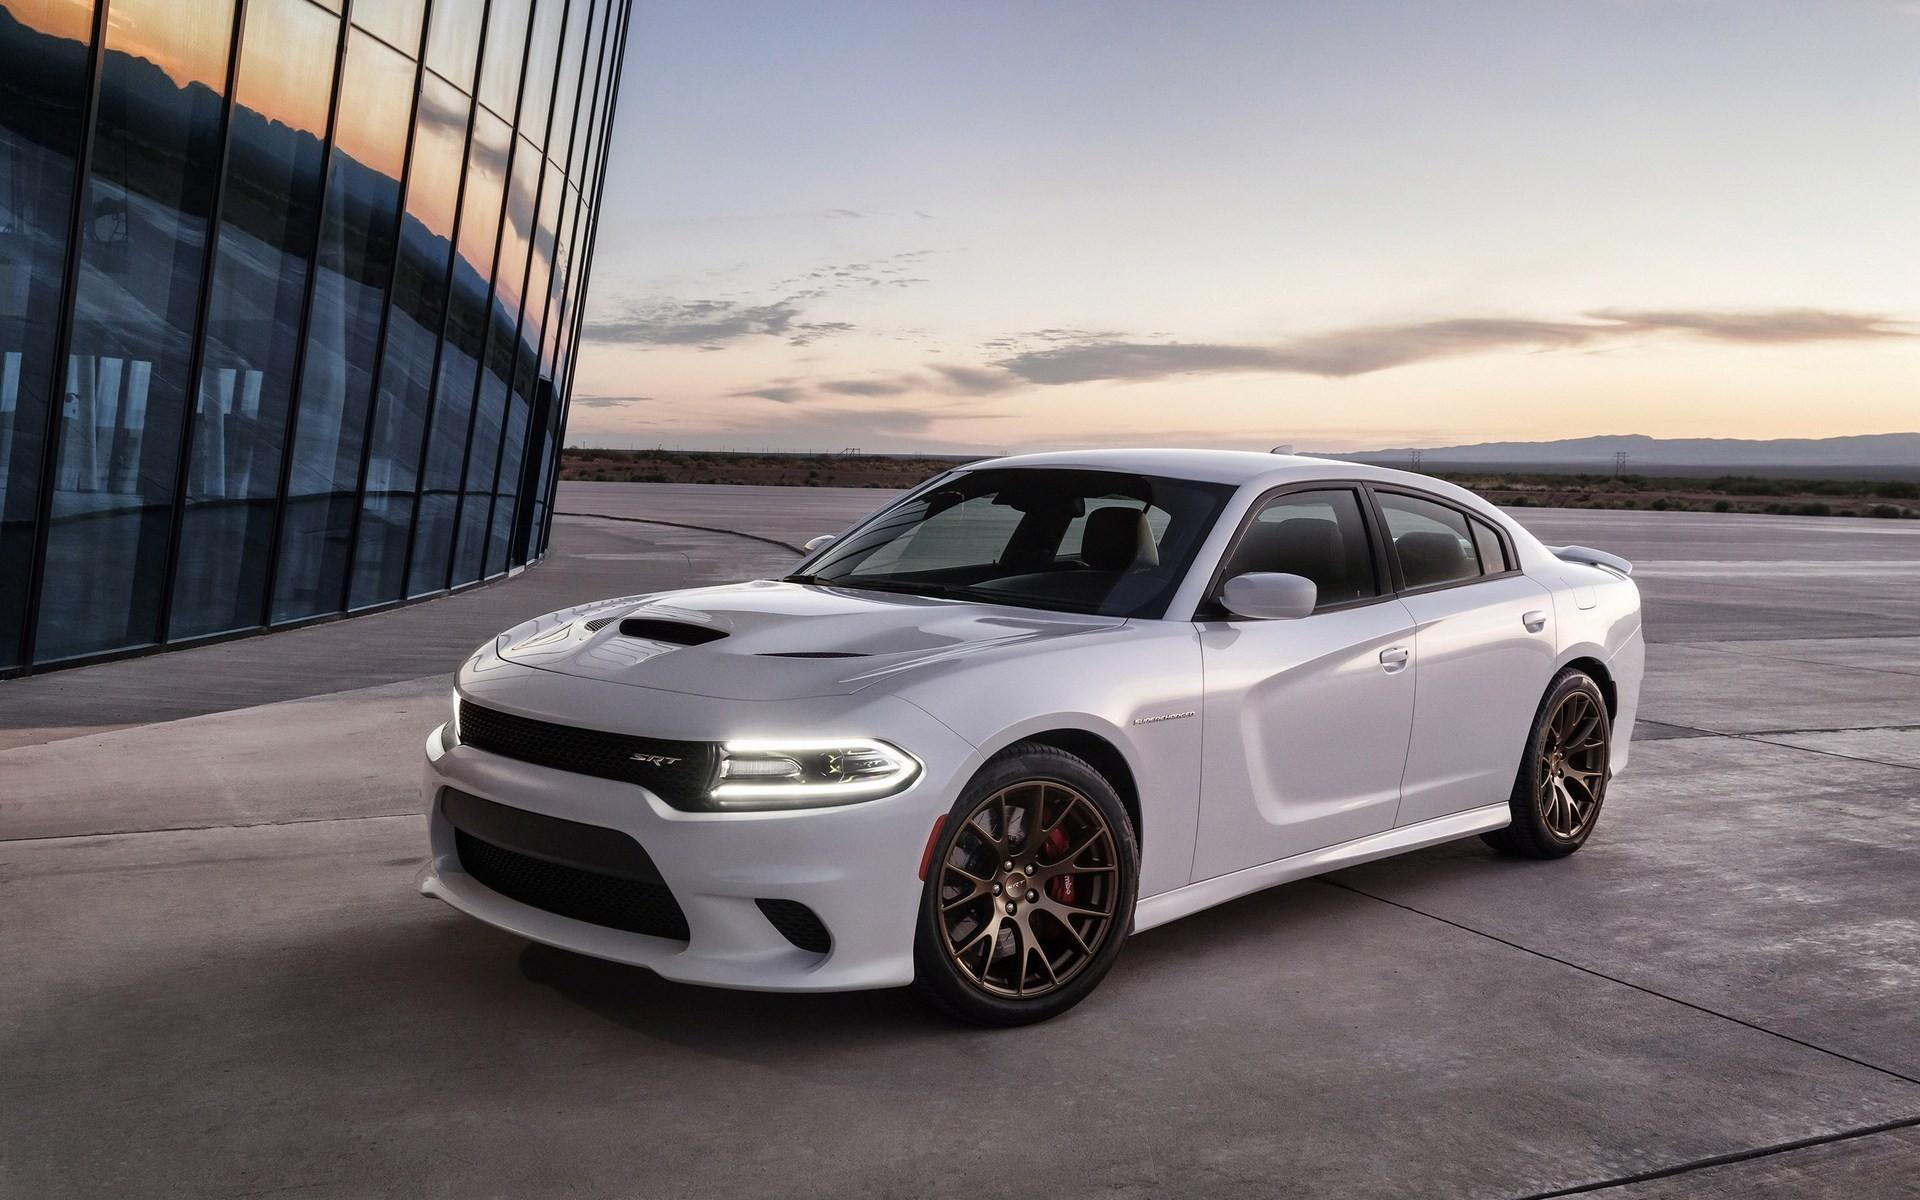 新款时尚的白色道奇汽车壁纸图片 图片图片